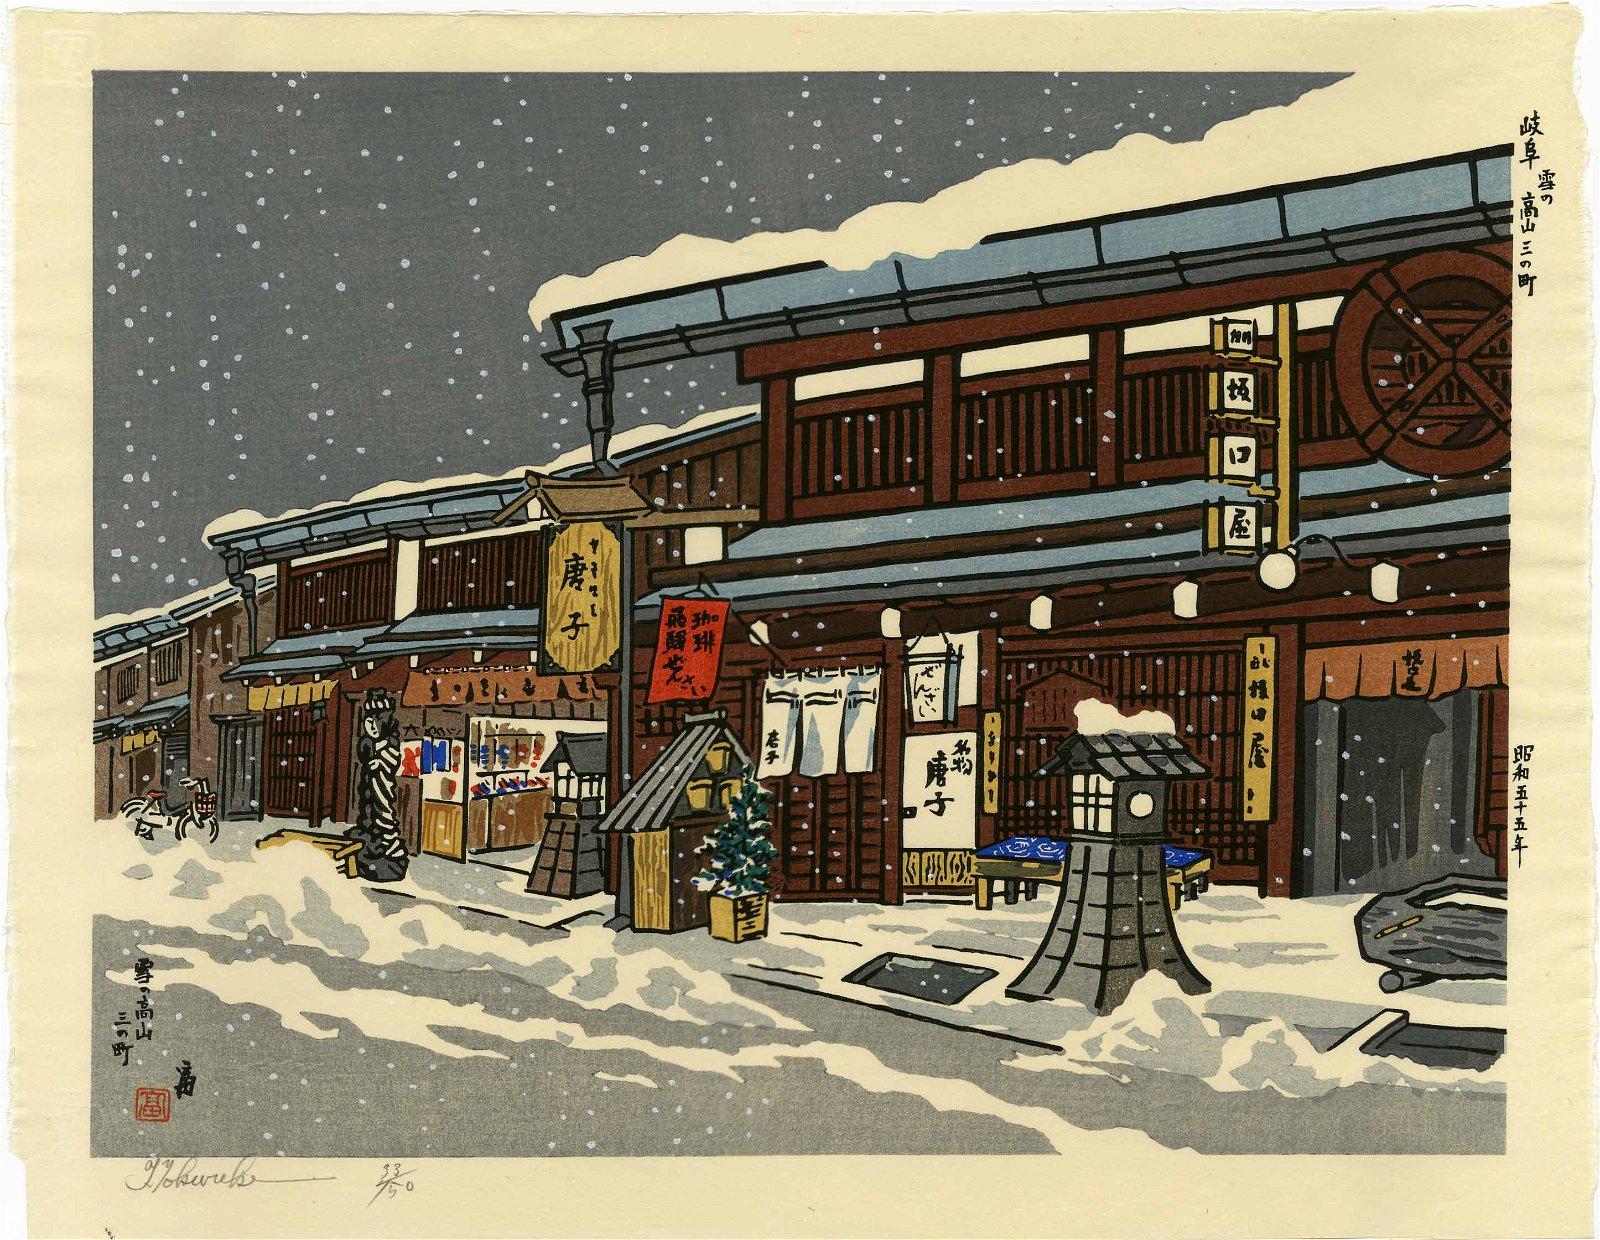 Tokuriki Tomikichiro: Gion Snow 1st Ed. Woodblock